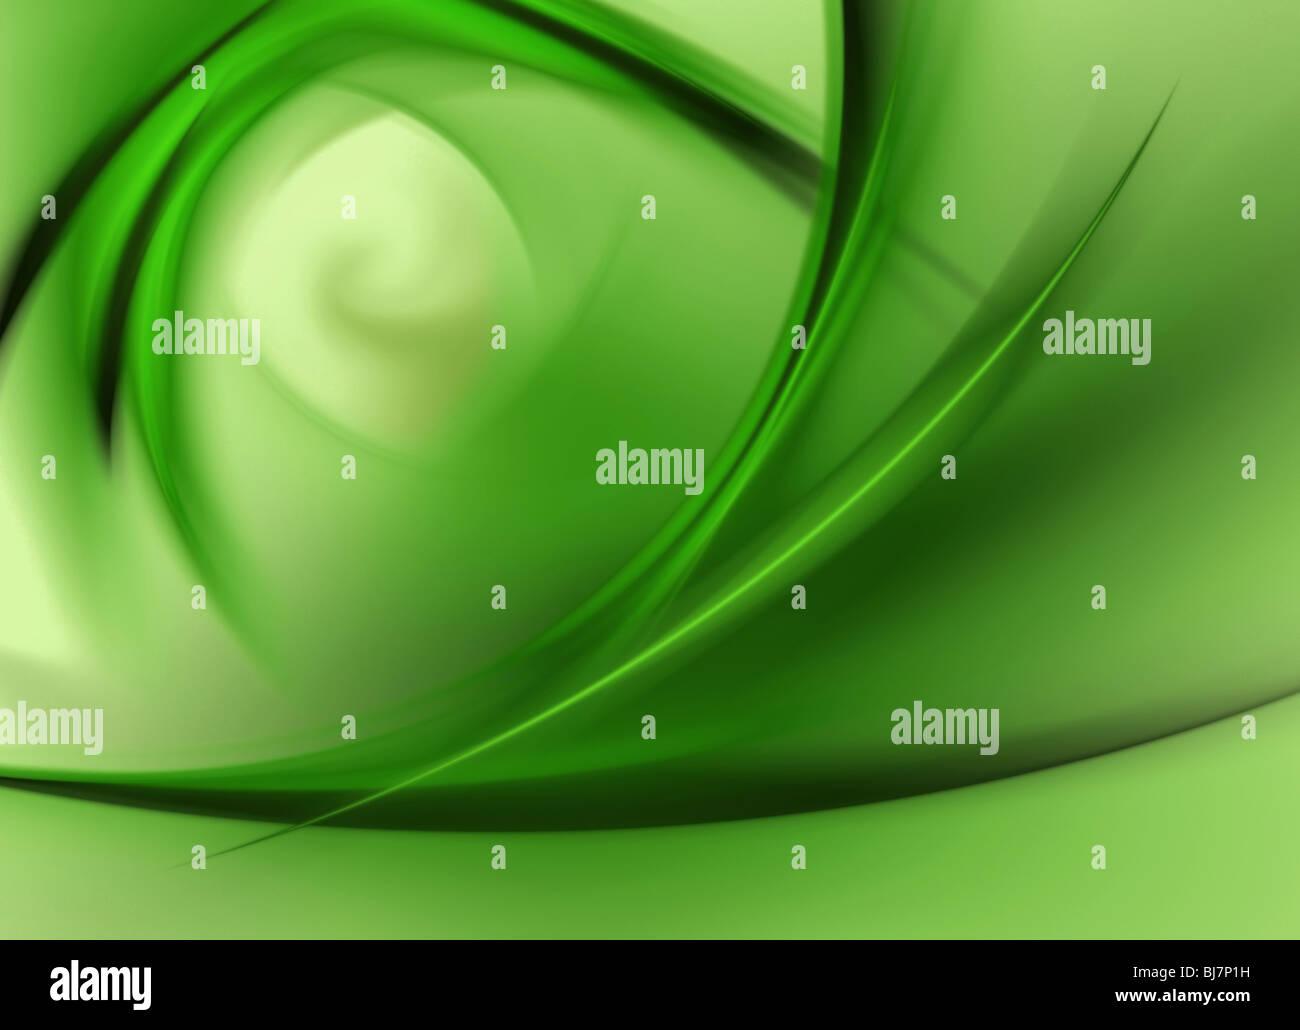 Zusammenfassung Hintergrund Stockfoto